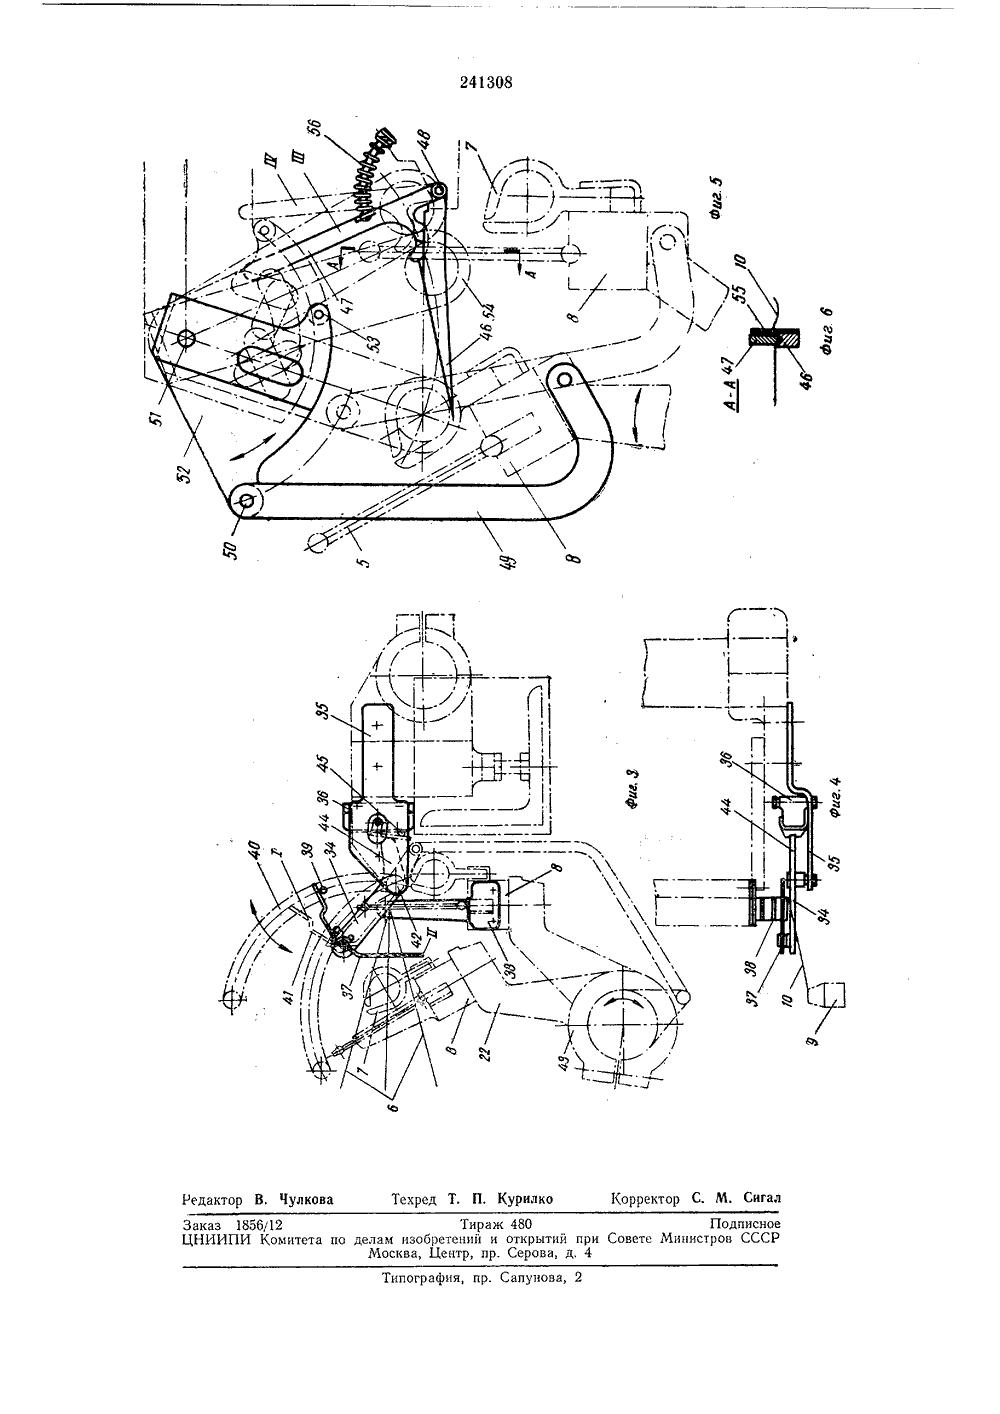 Схема ткацкого пневматического станка